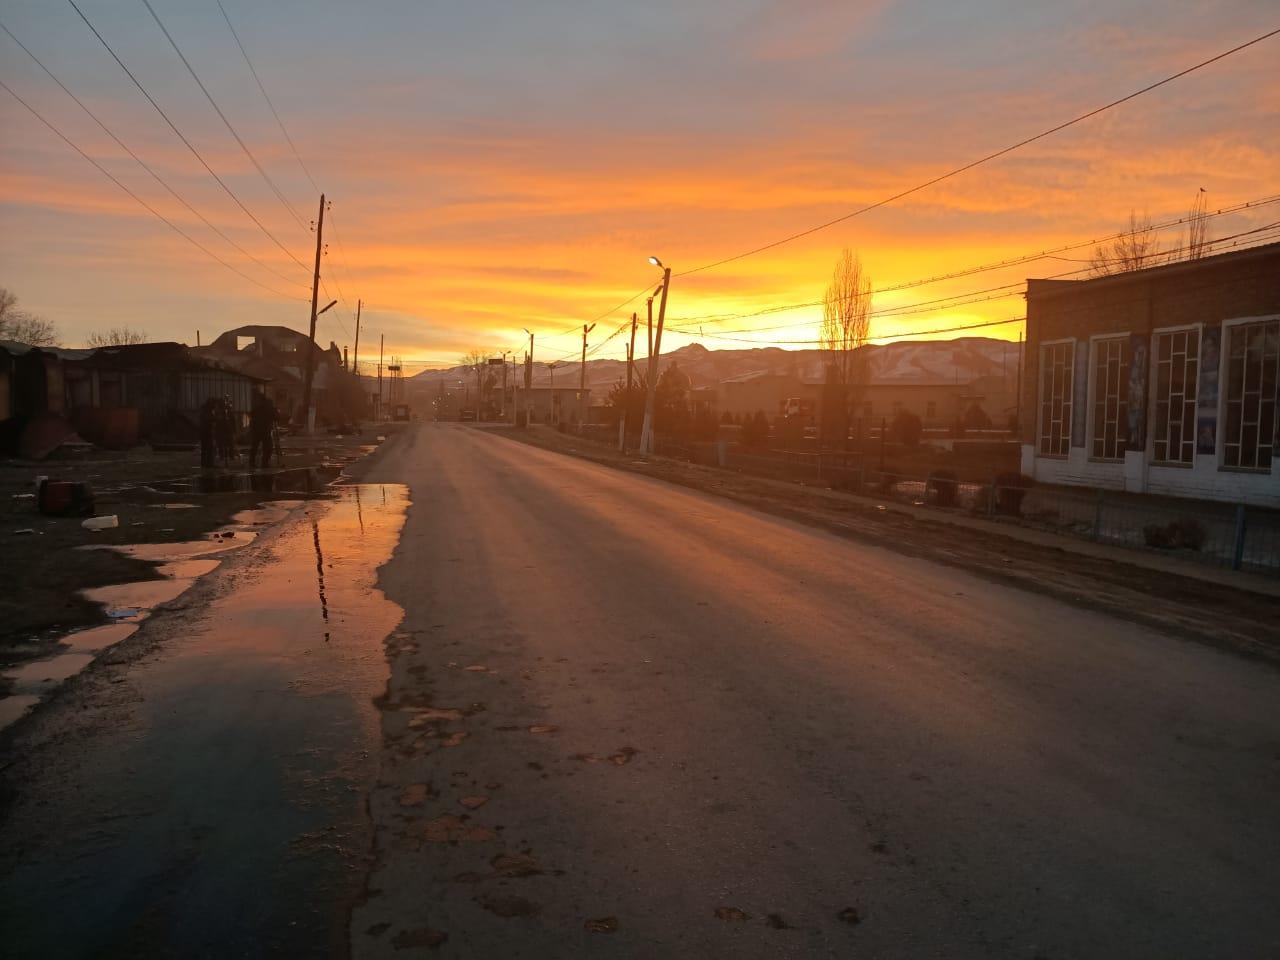 Масаншы ауылының таңғы көрінісі (Фоторепортаж)